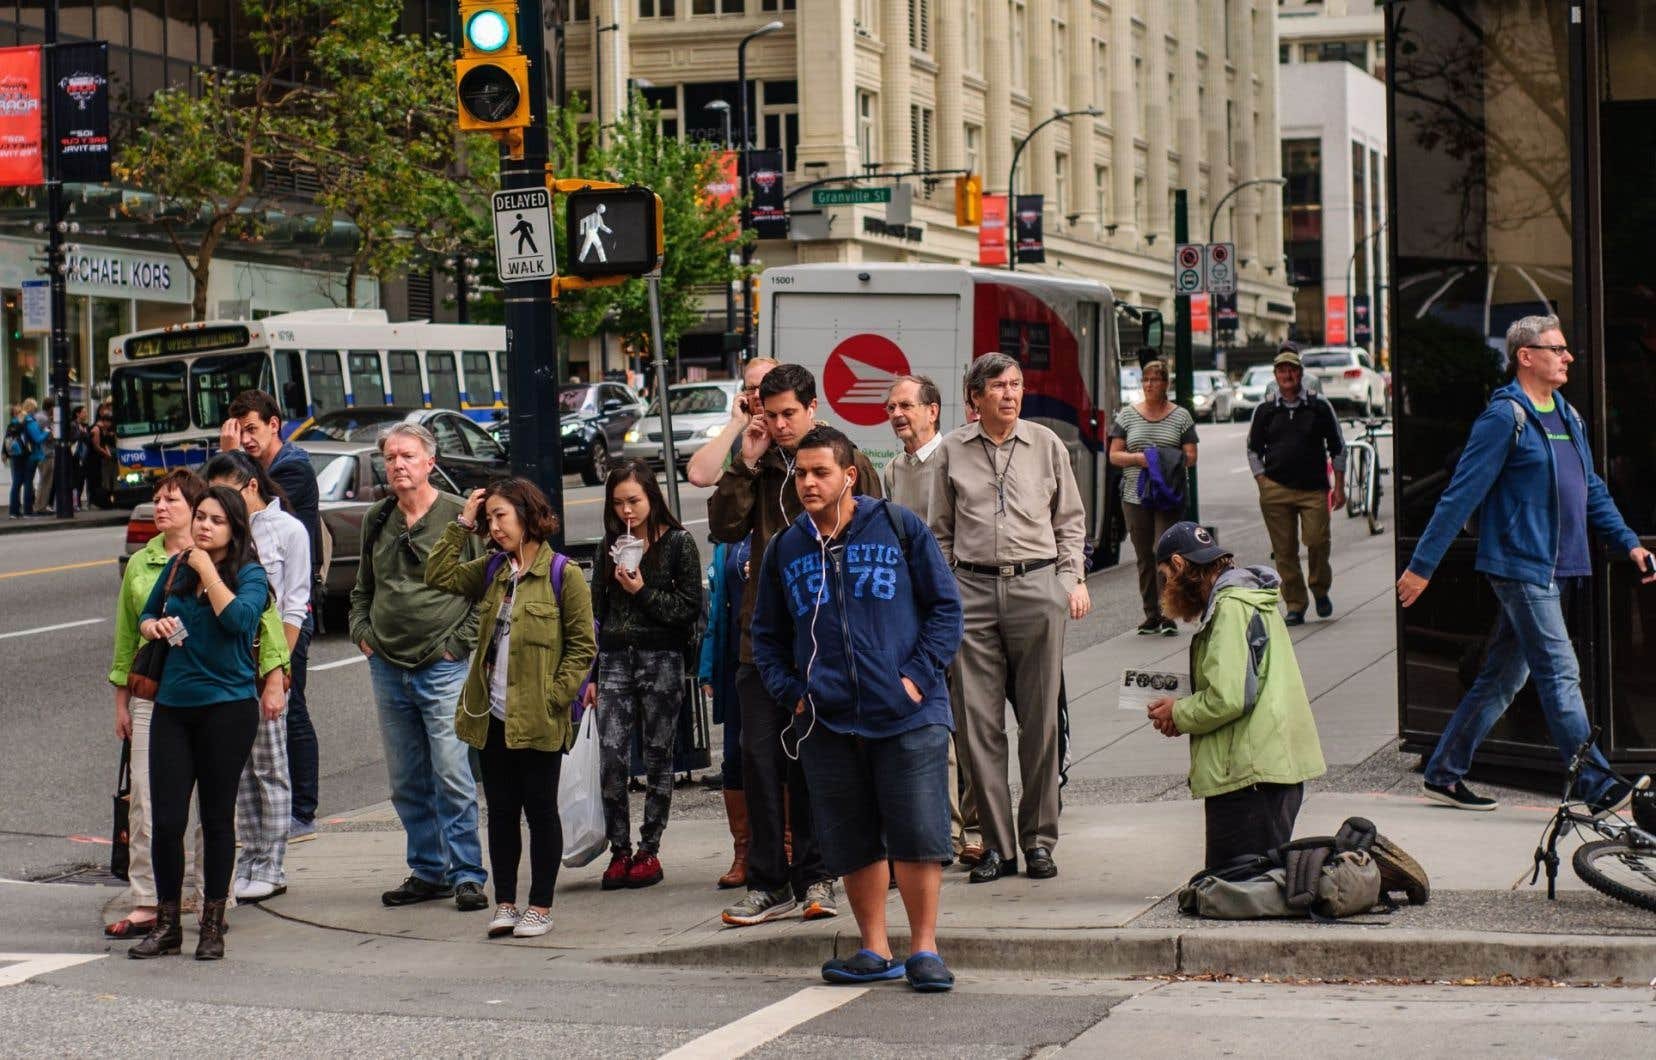 Vancouver (142erang dans le classement mondial) reste la ville la plus chère au Canada, suivie par Toronto (143e), Montréal (155e), Calgary (162e) et Ottawa (171e).